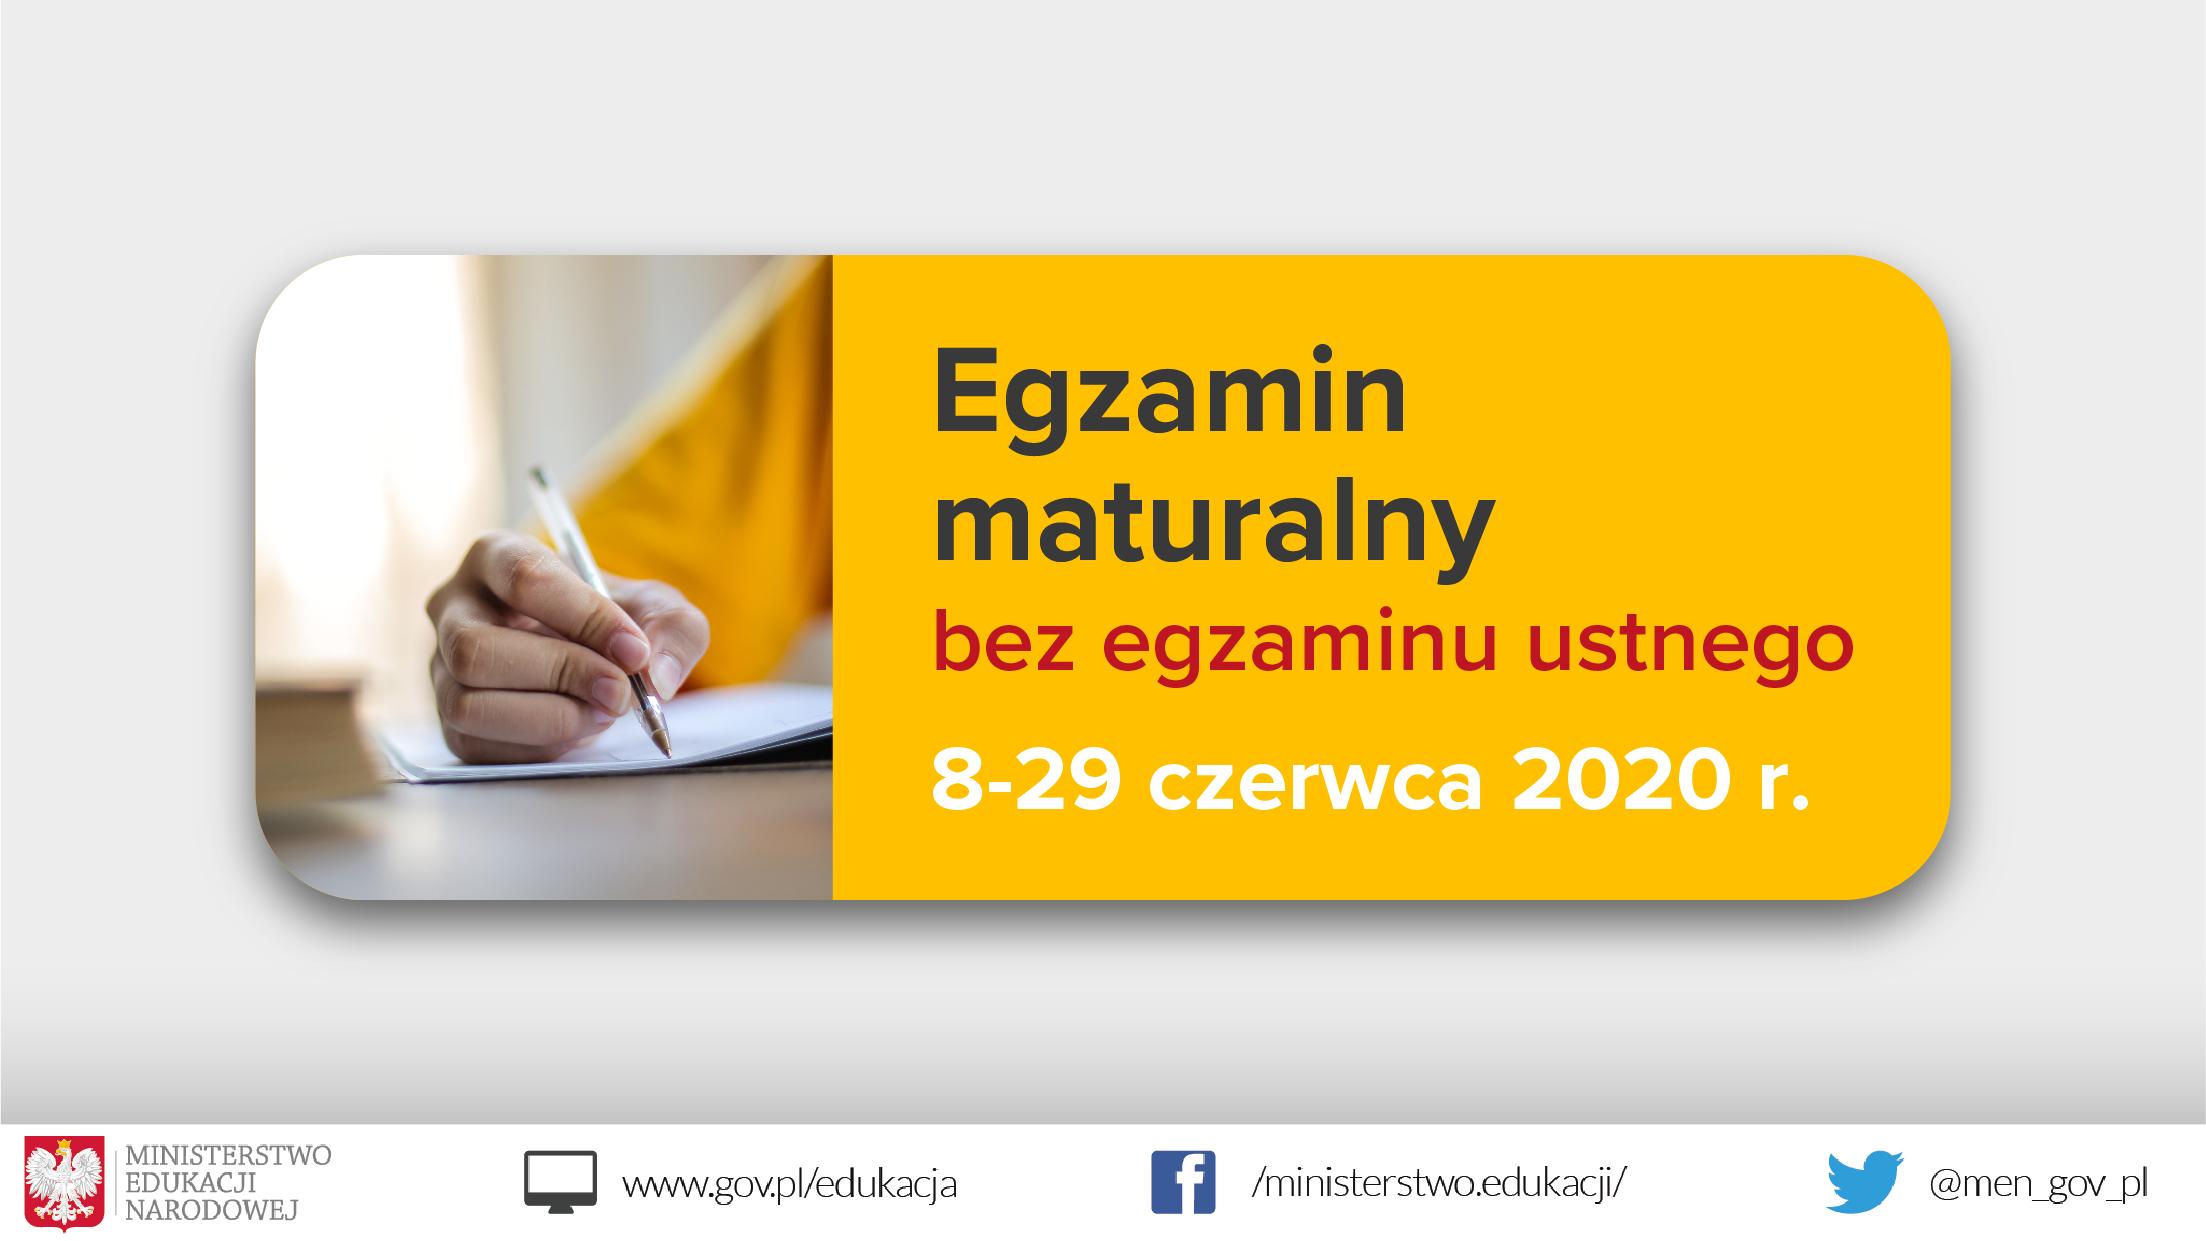 """Jasnoszare tło, zdjęcie ręki z długopisem po lewo, tekst po prawej stronie na żółtym tle: """"Egzamin maturalny bez egzaminu ustnego – 8-29 czerwca 2020 r."""""""